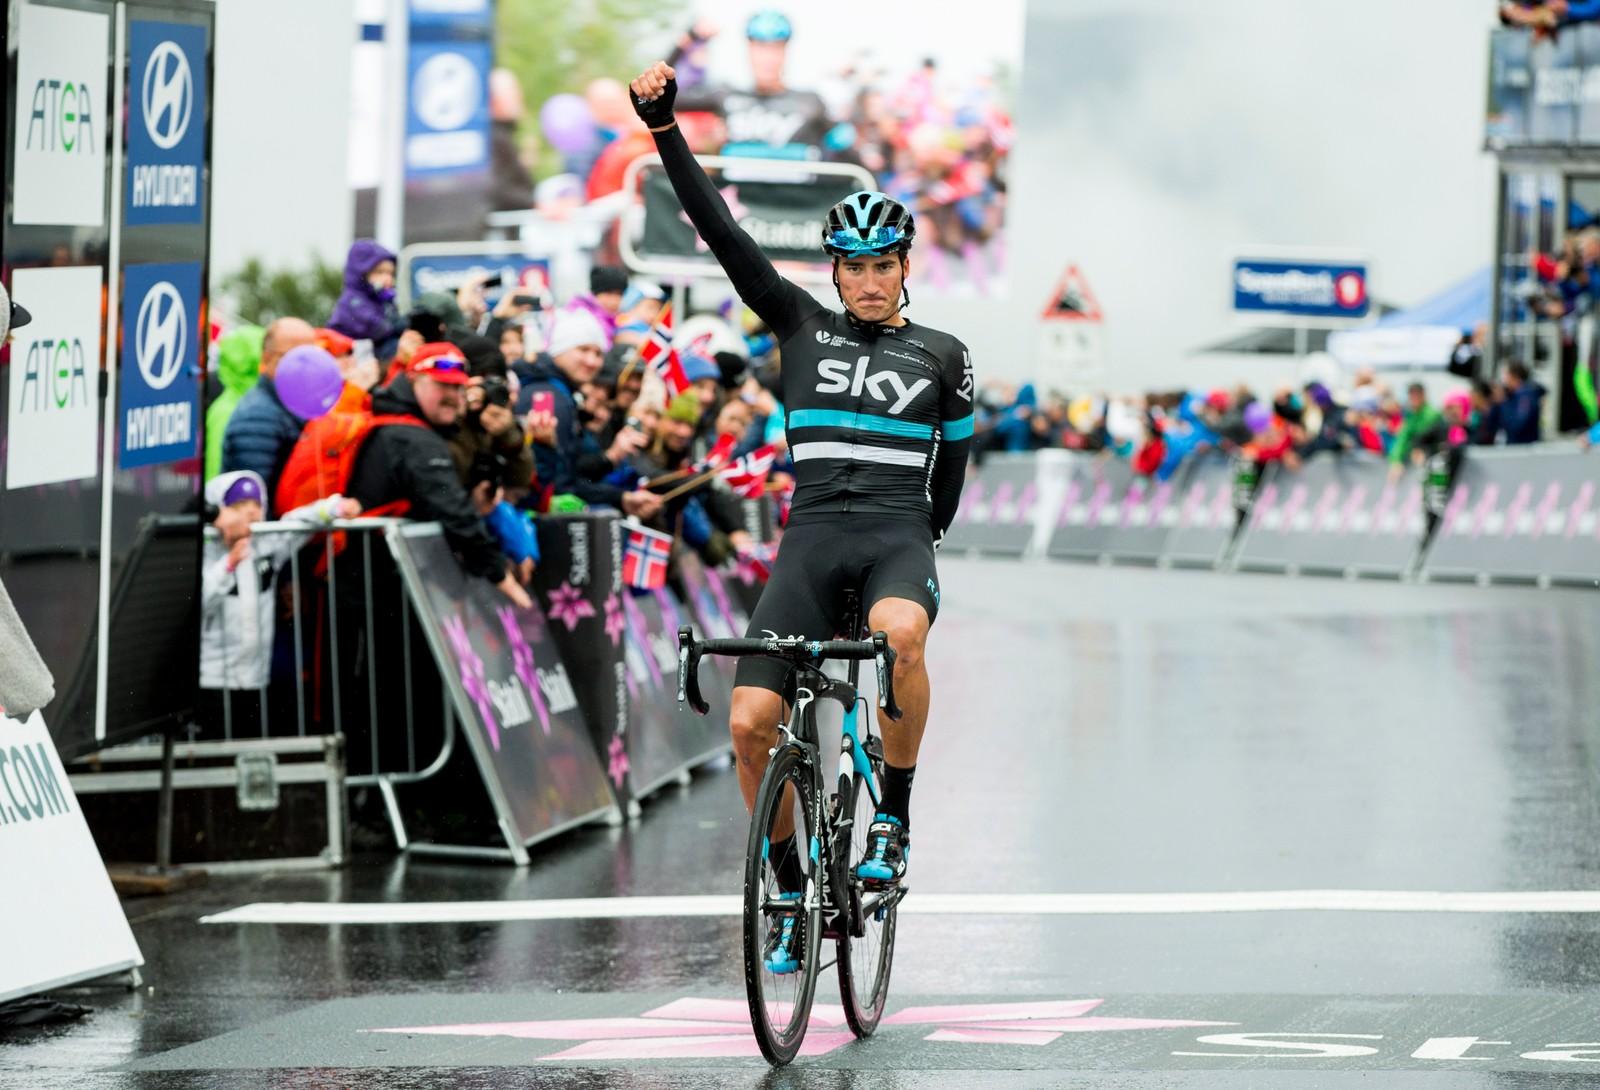 Gianni Moscon (Team Sky) vant tredje etappe i sykkelrittet Arctic Race of Norway lørdag. Etappen gikk fra Nesna til Korgfjellet.